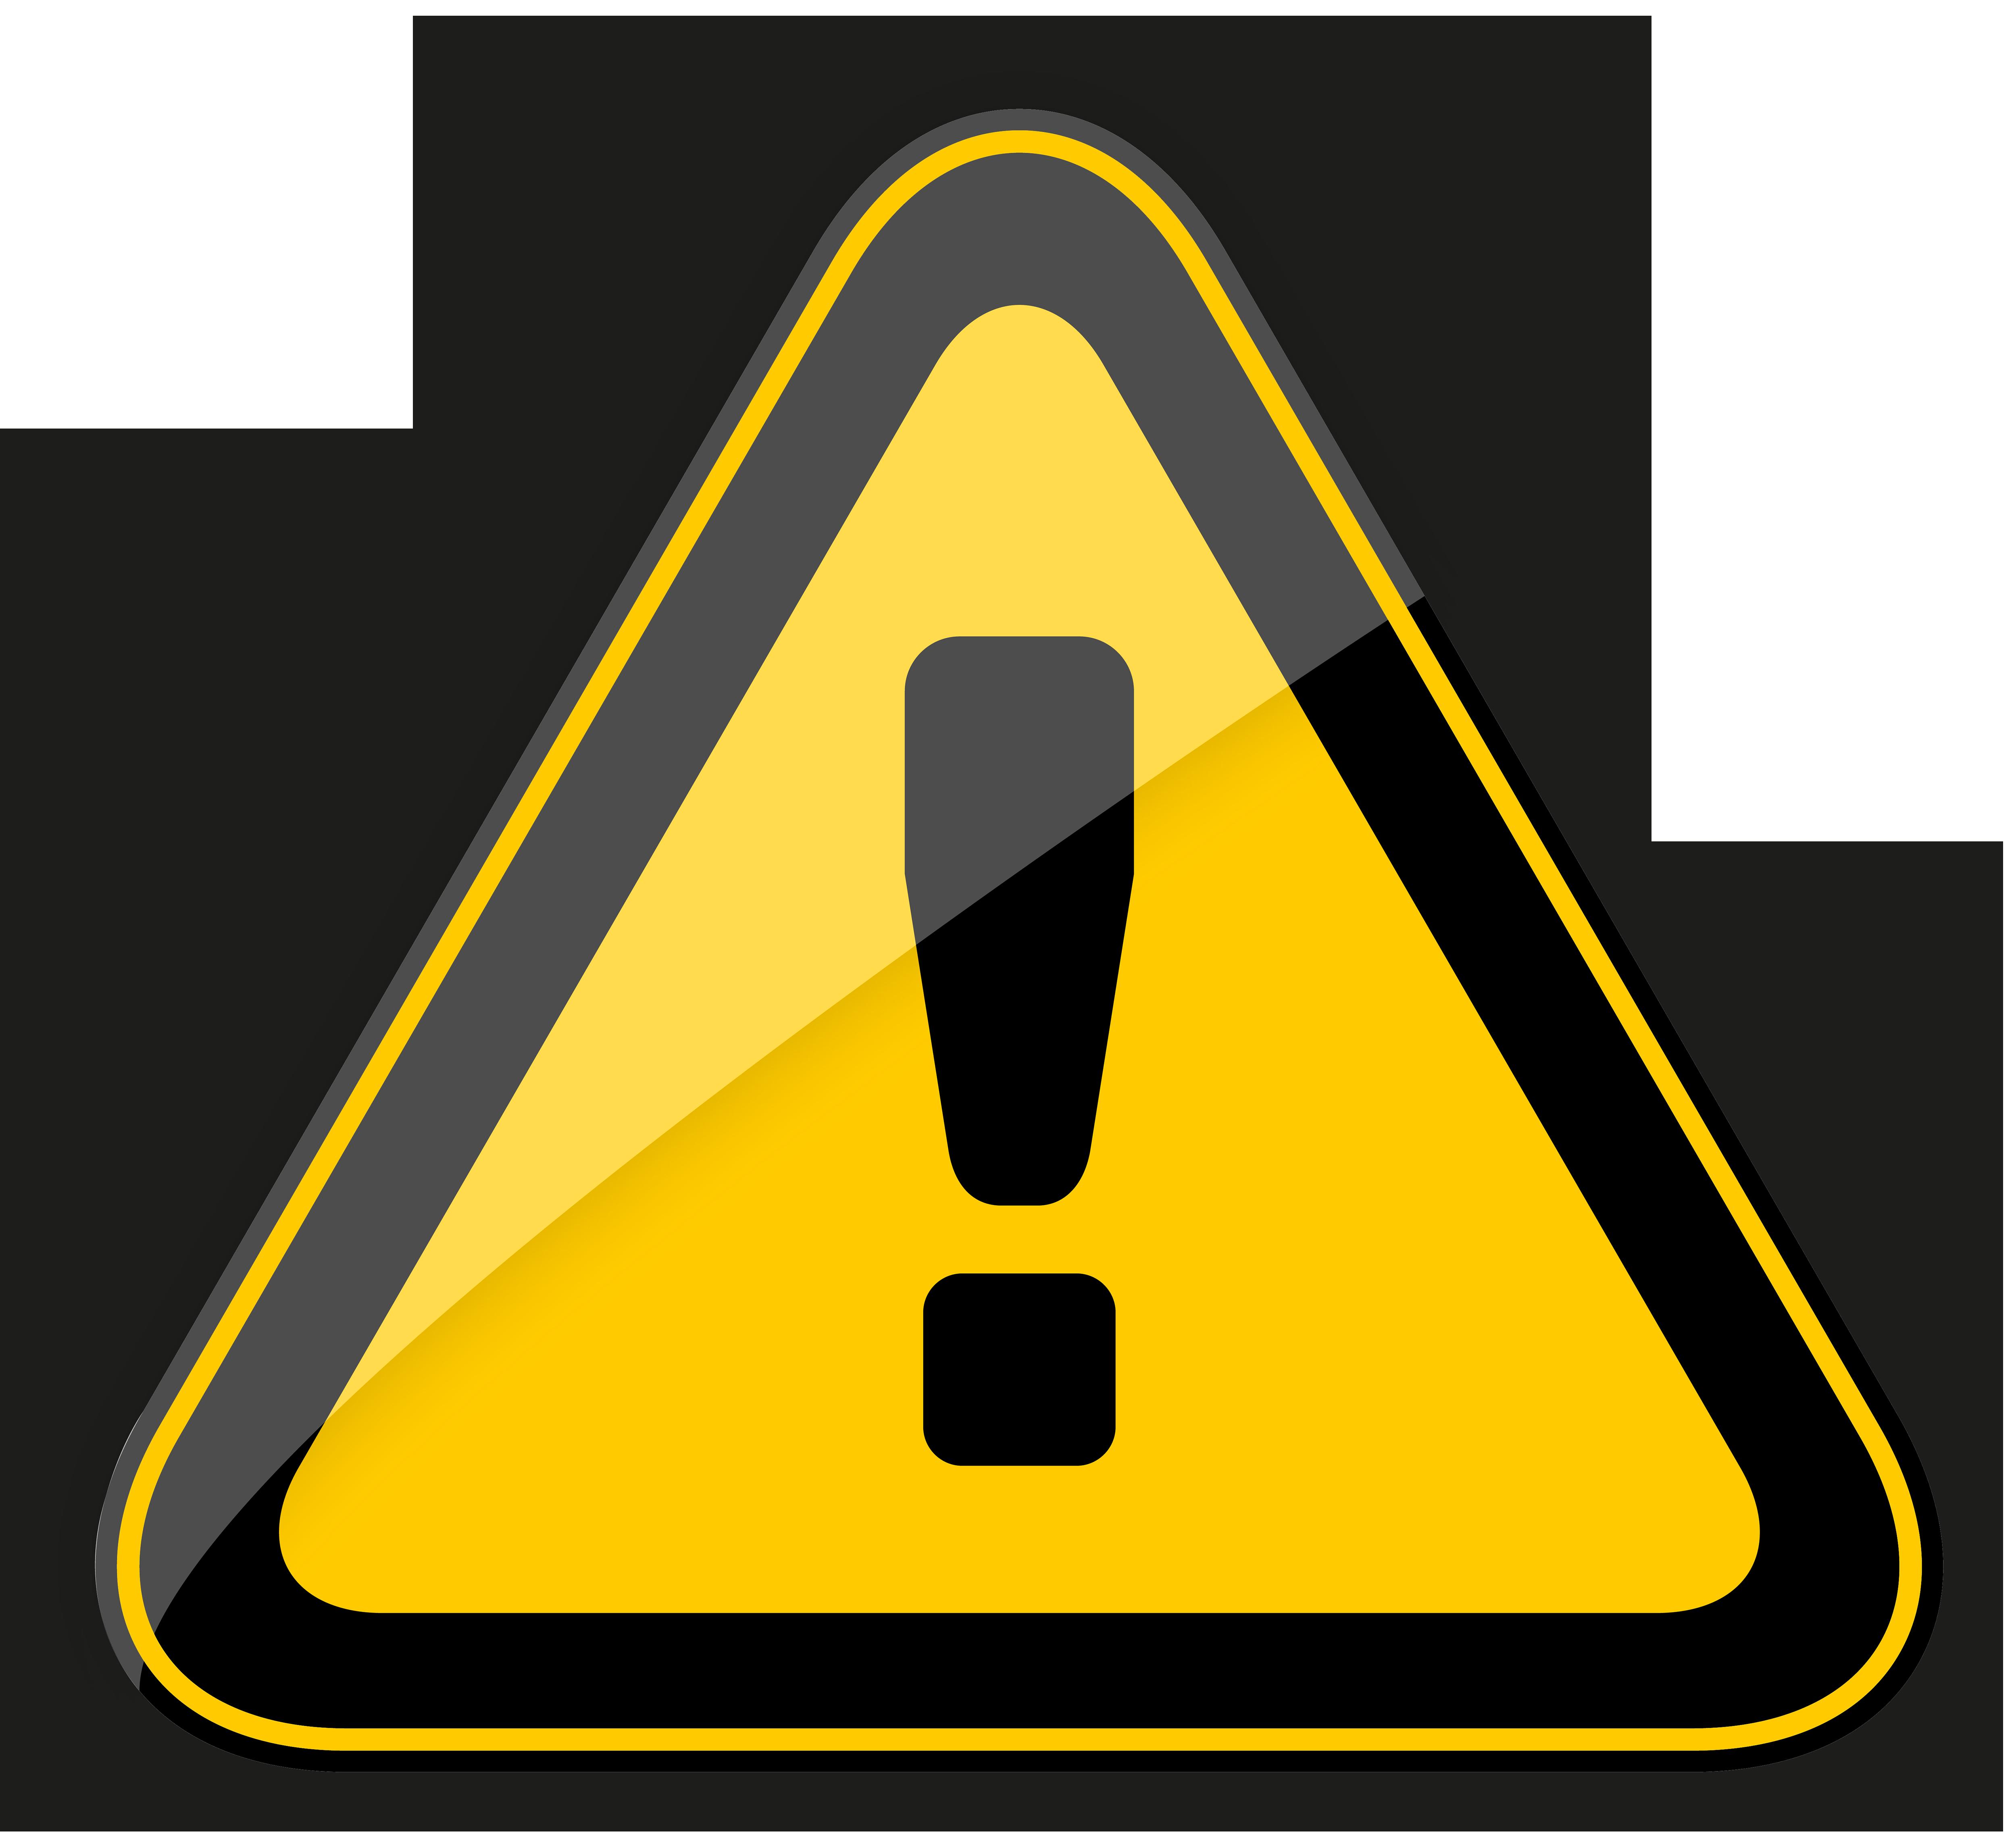 Danger Warning Sign PNG Clipart.